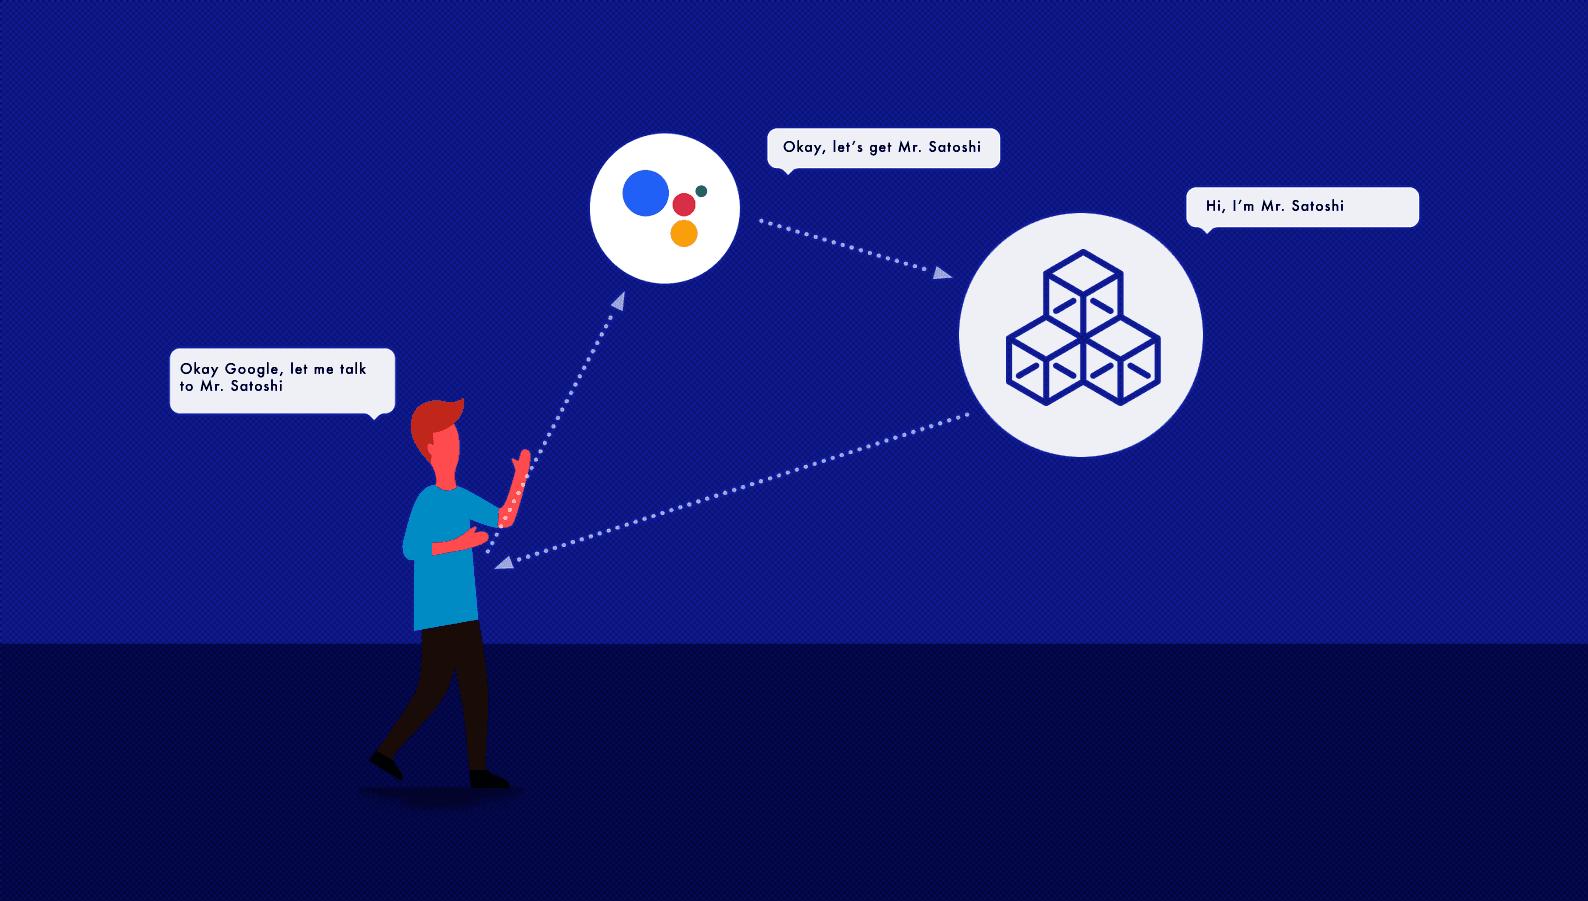 Google asistan sunucu konuşmaları